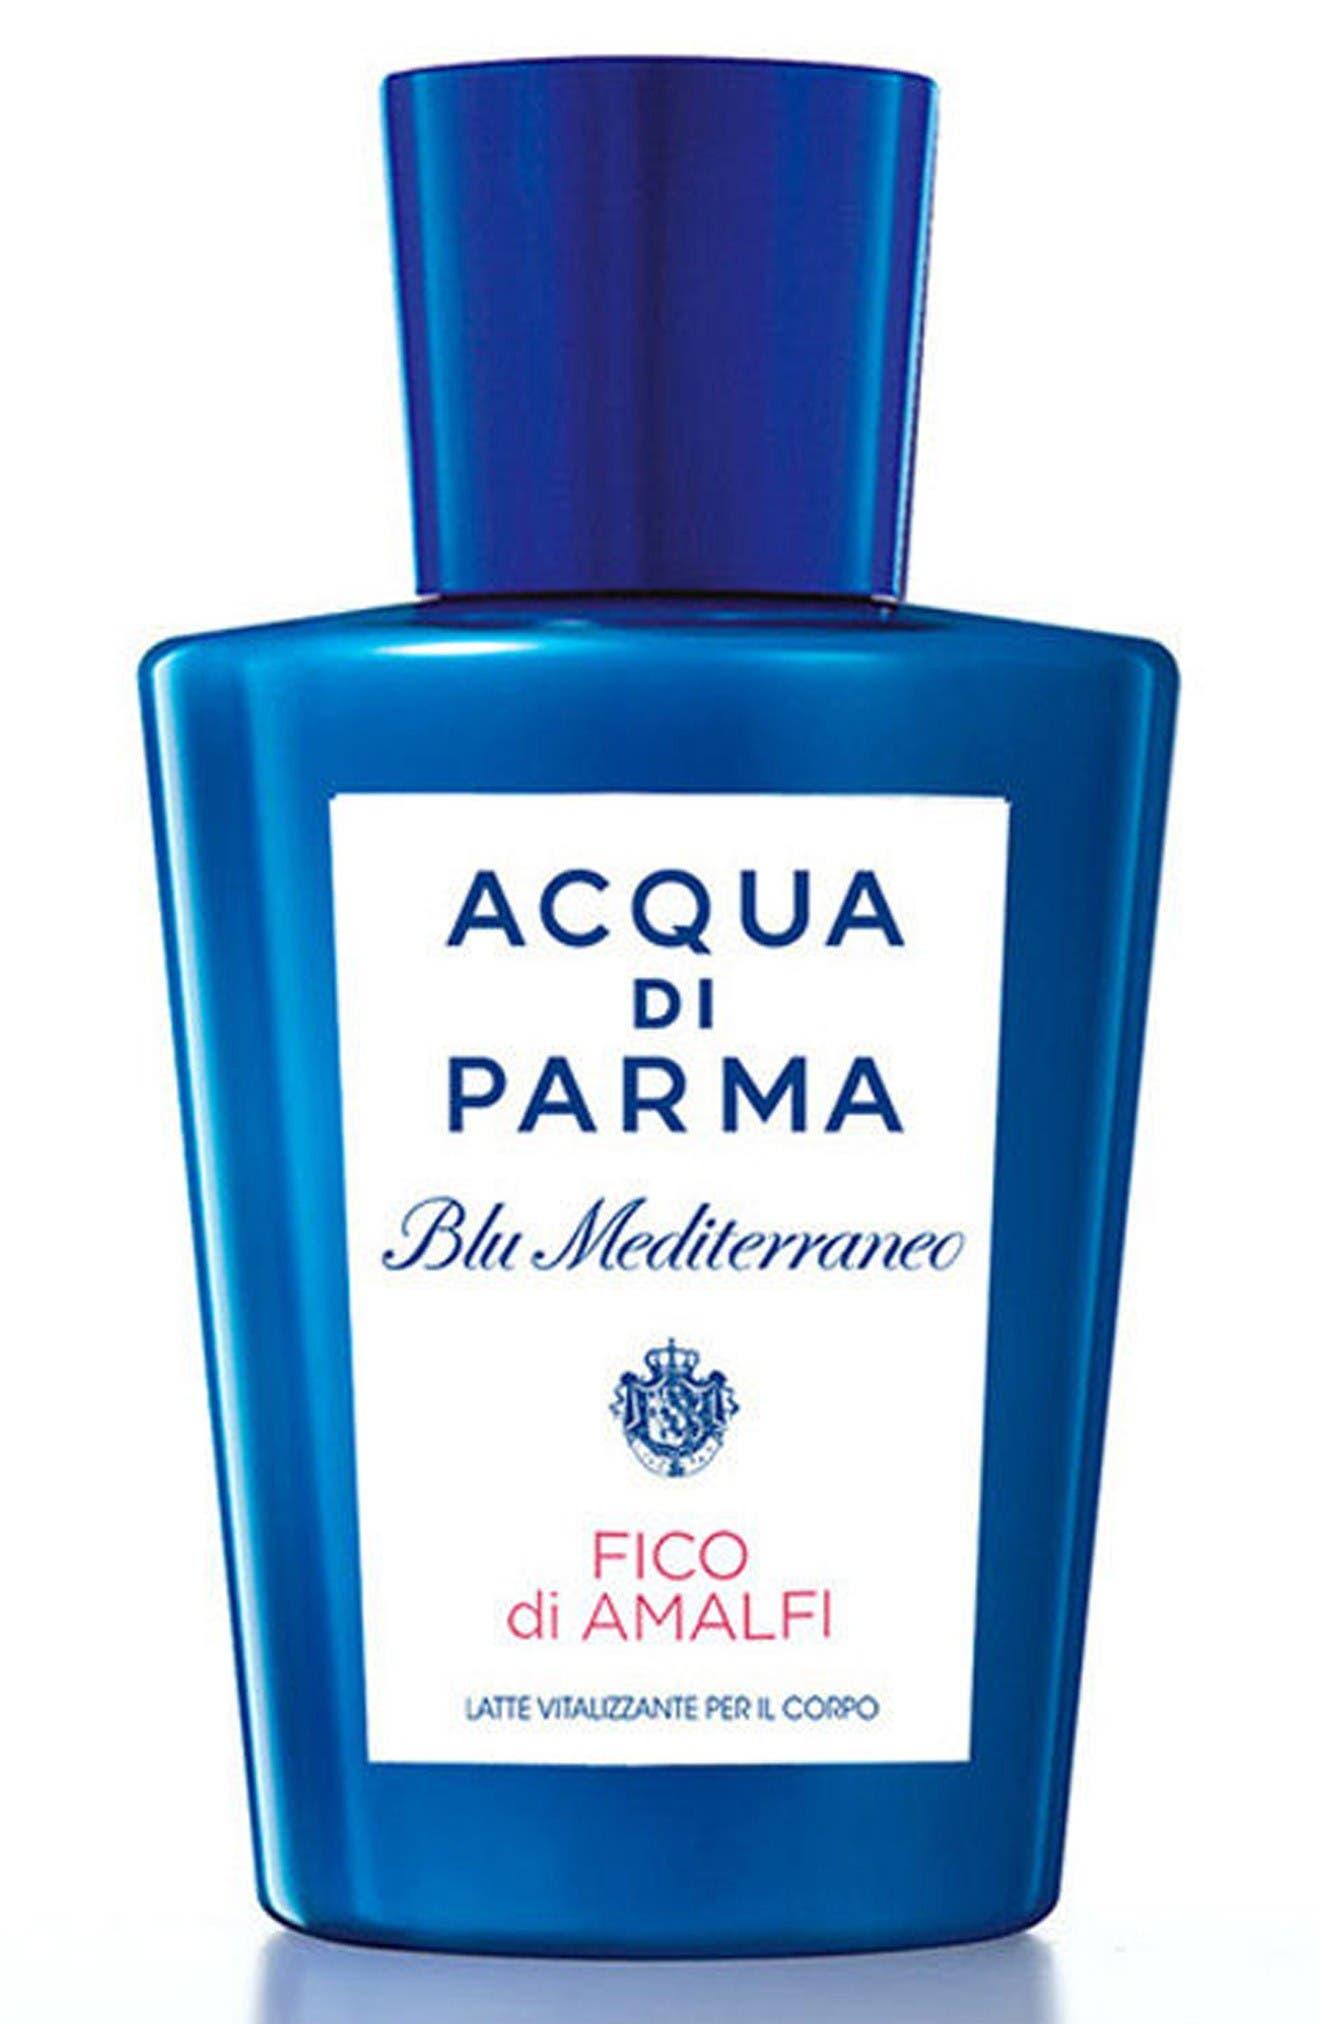 Main Image - Acqua di Parma 'Blu Mediterraneo' Fico di Amalfi Body Lotion